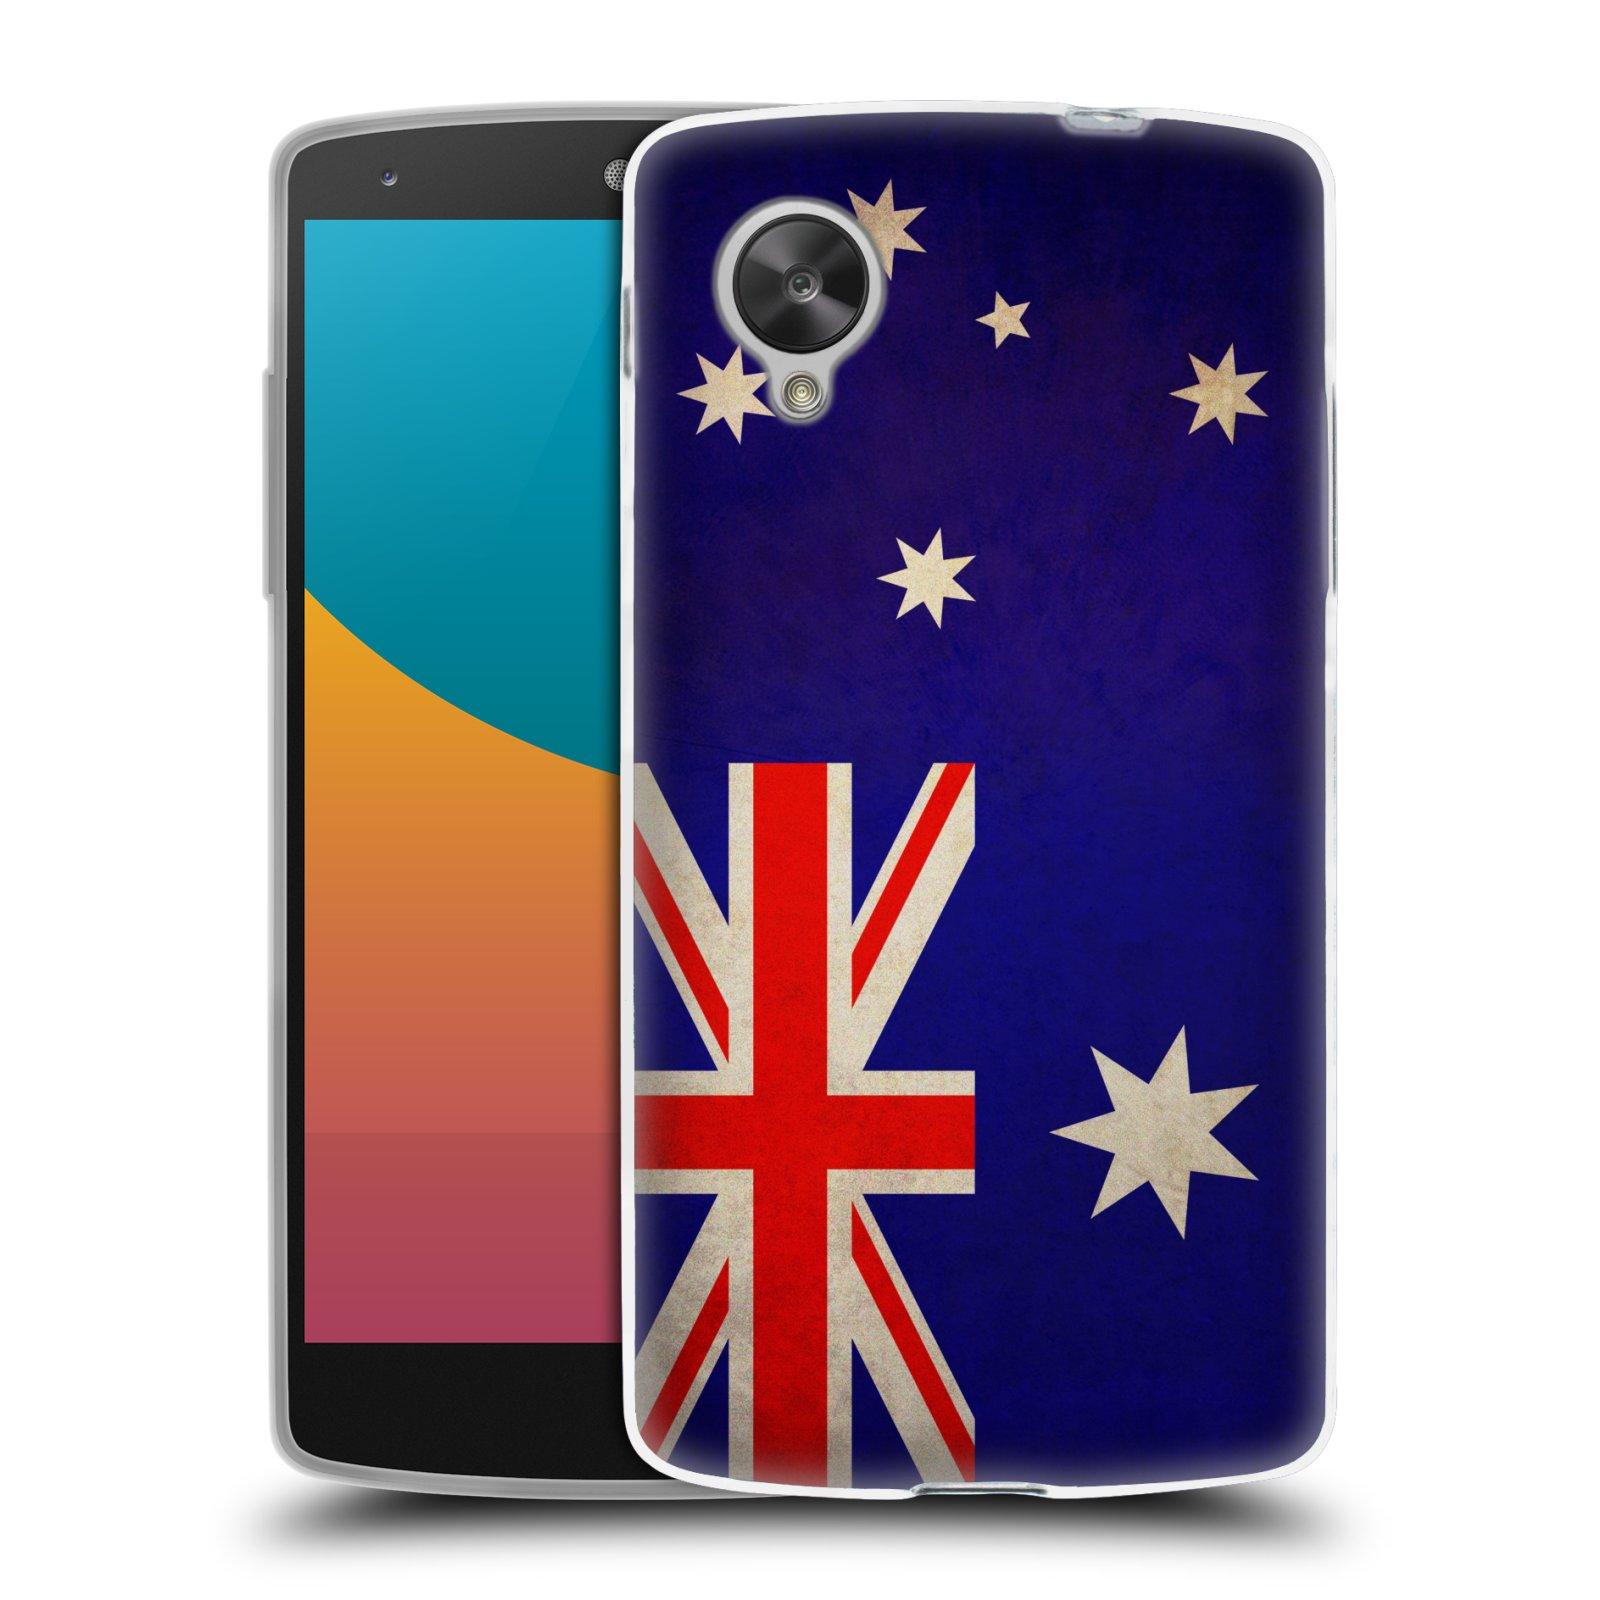 Silikonové pouzdro na mobil LG Nexus 5 HEAD CASE VLAJKA AUSTRÁLIE (Silikonový kryt či obal na mobilní telefon LG Google Nexus 5 D821)